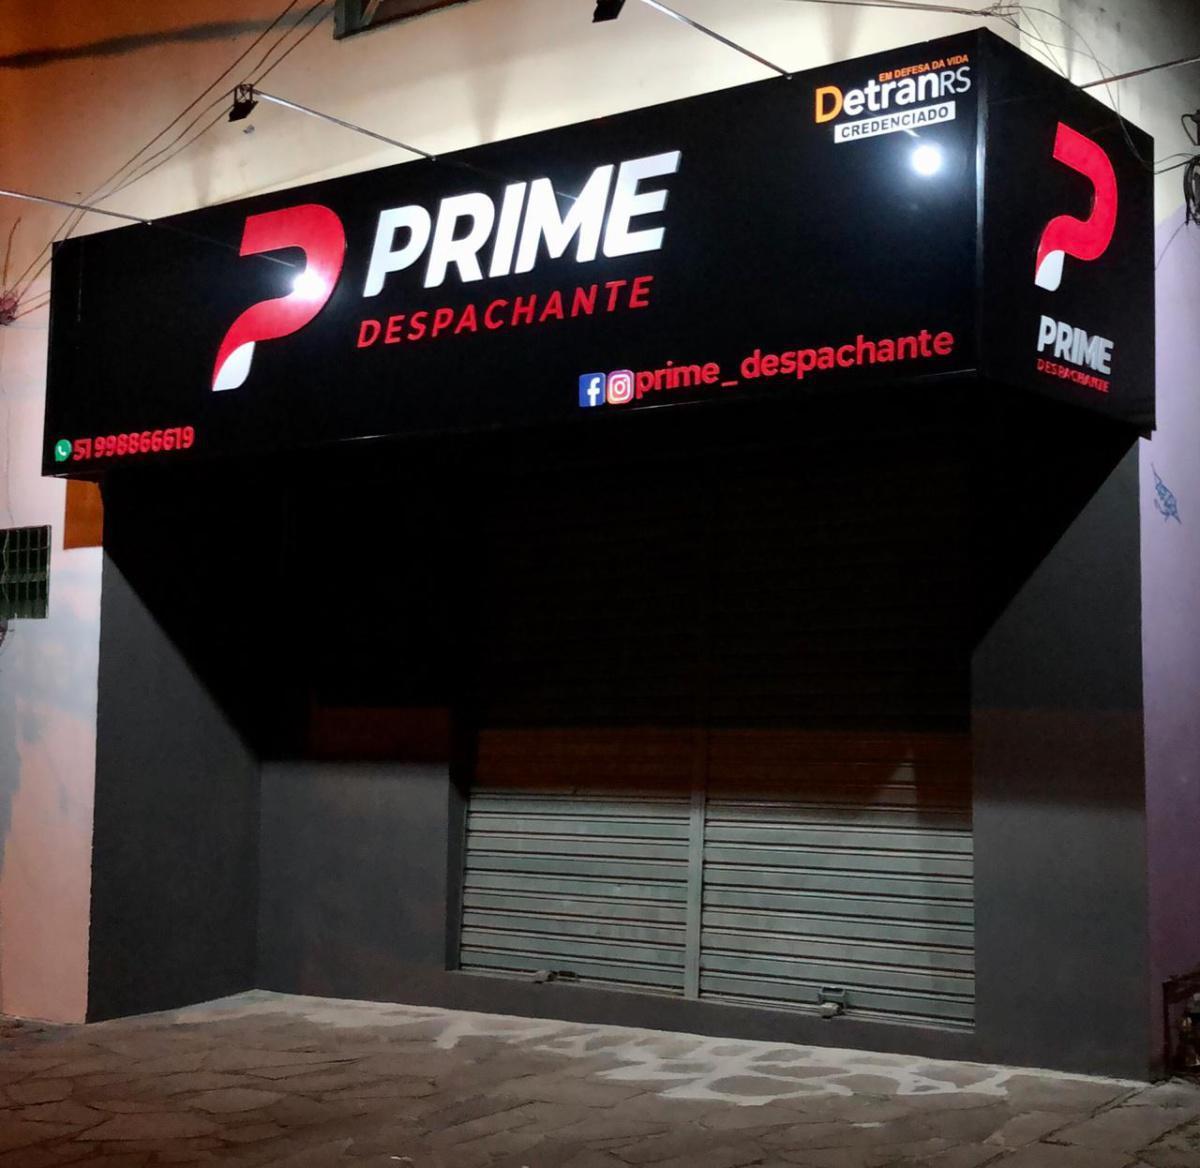 Prime Despachante